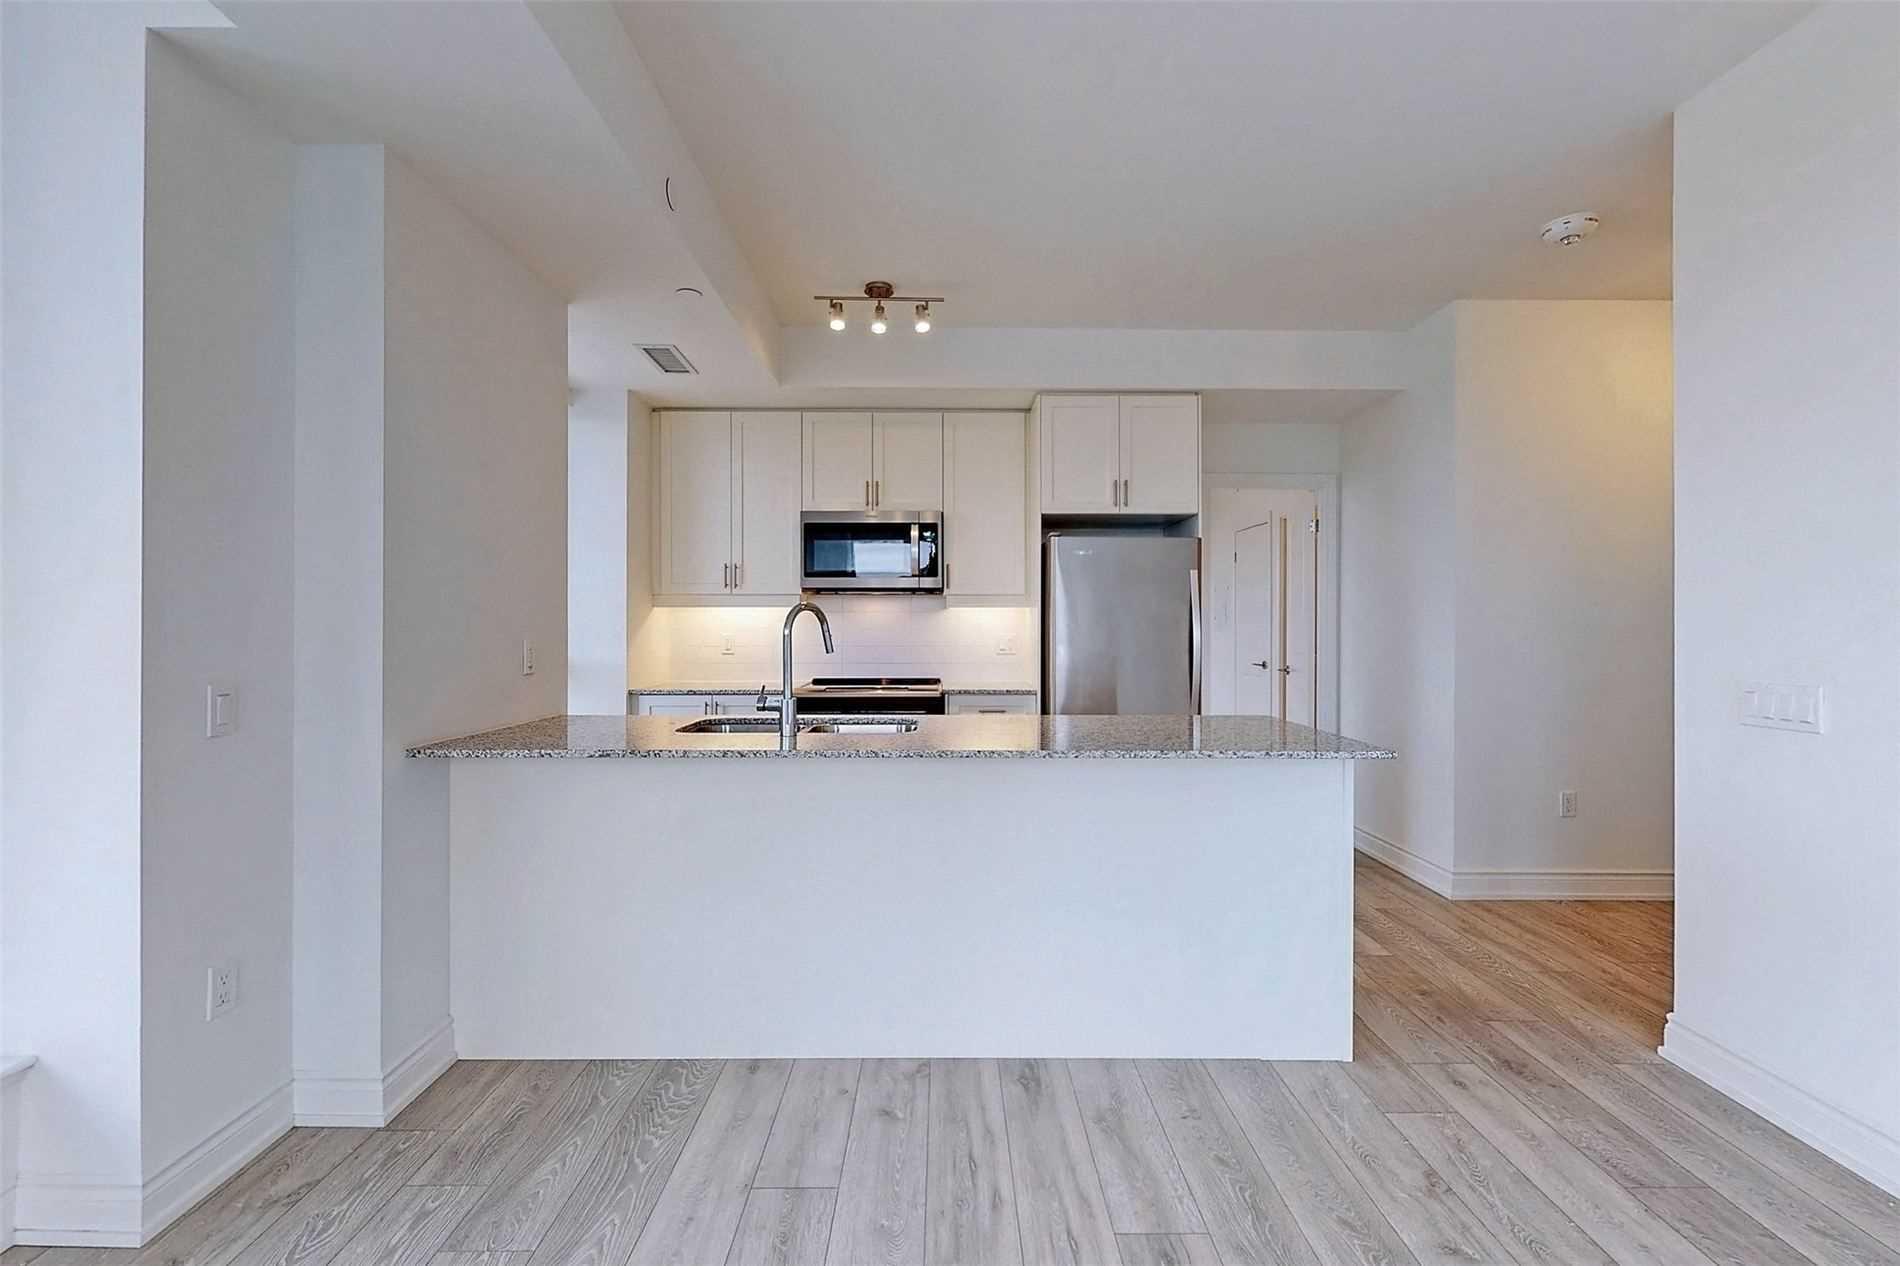 221 - 1050 Main St E - Dempsey Condo Apt for sale, 3 Bedrooms (W5398557) - #14